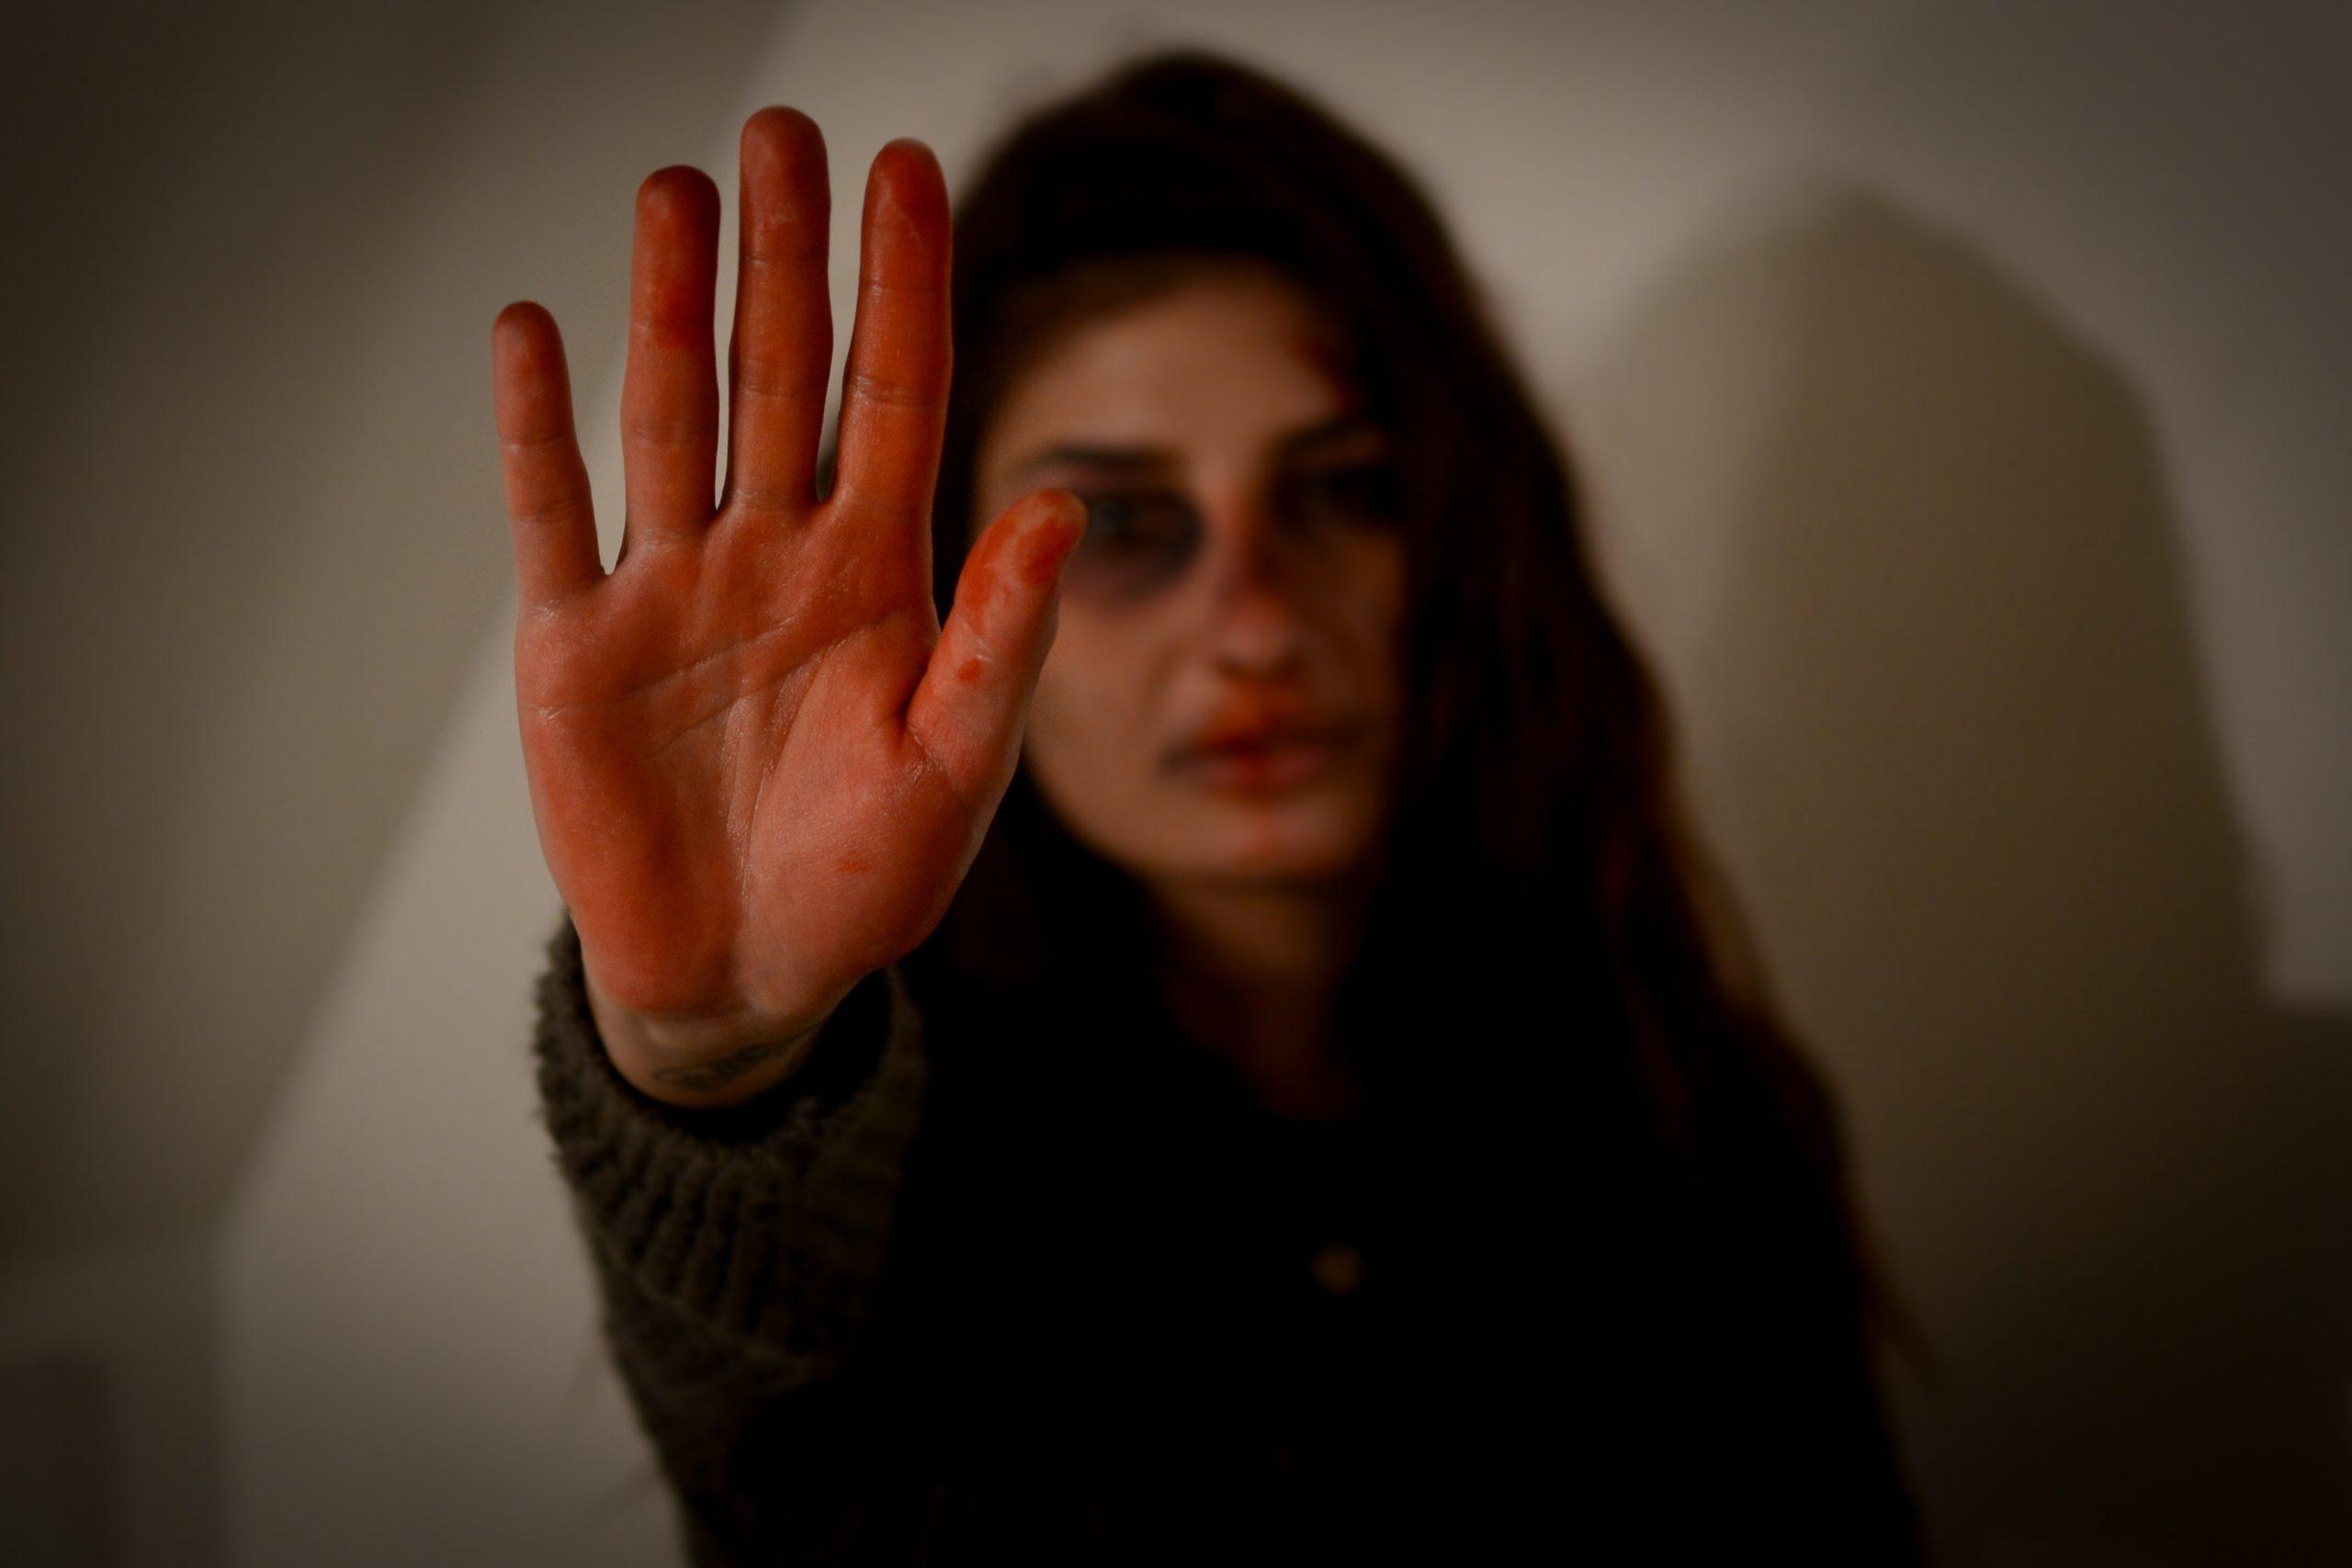 Депутаты попросили генпрокурора проверить данные о росте жалоб на домашнее насилие